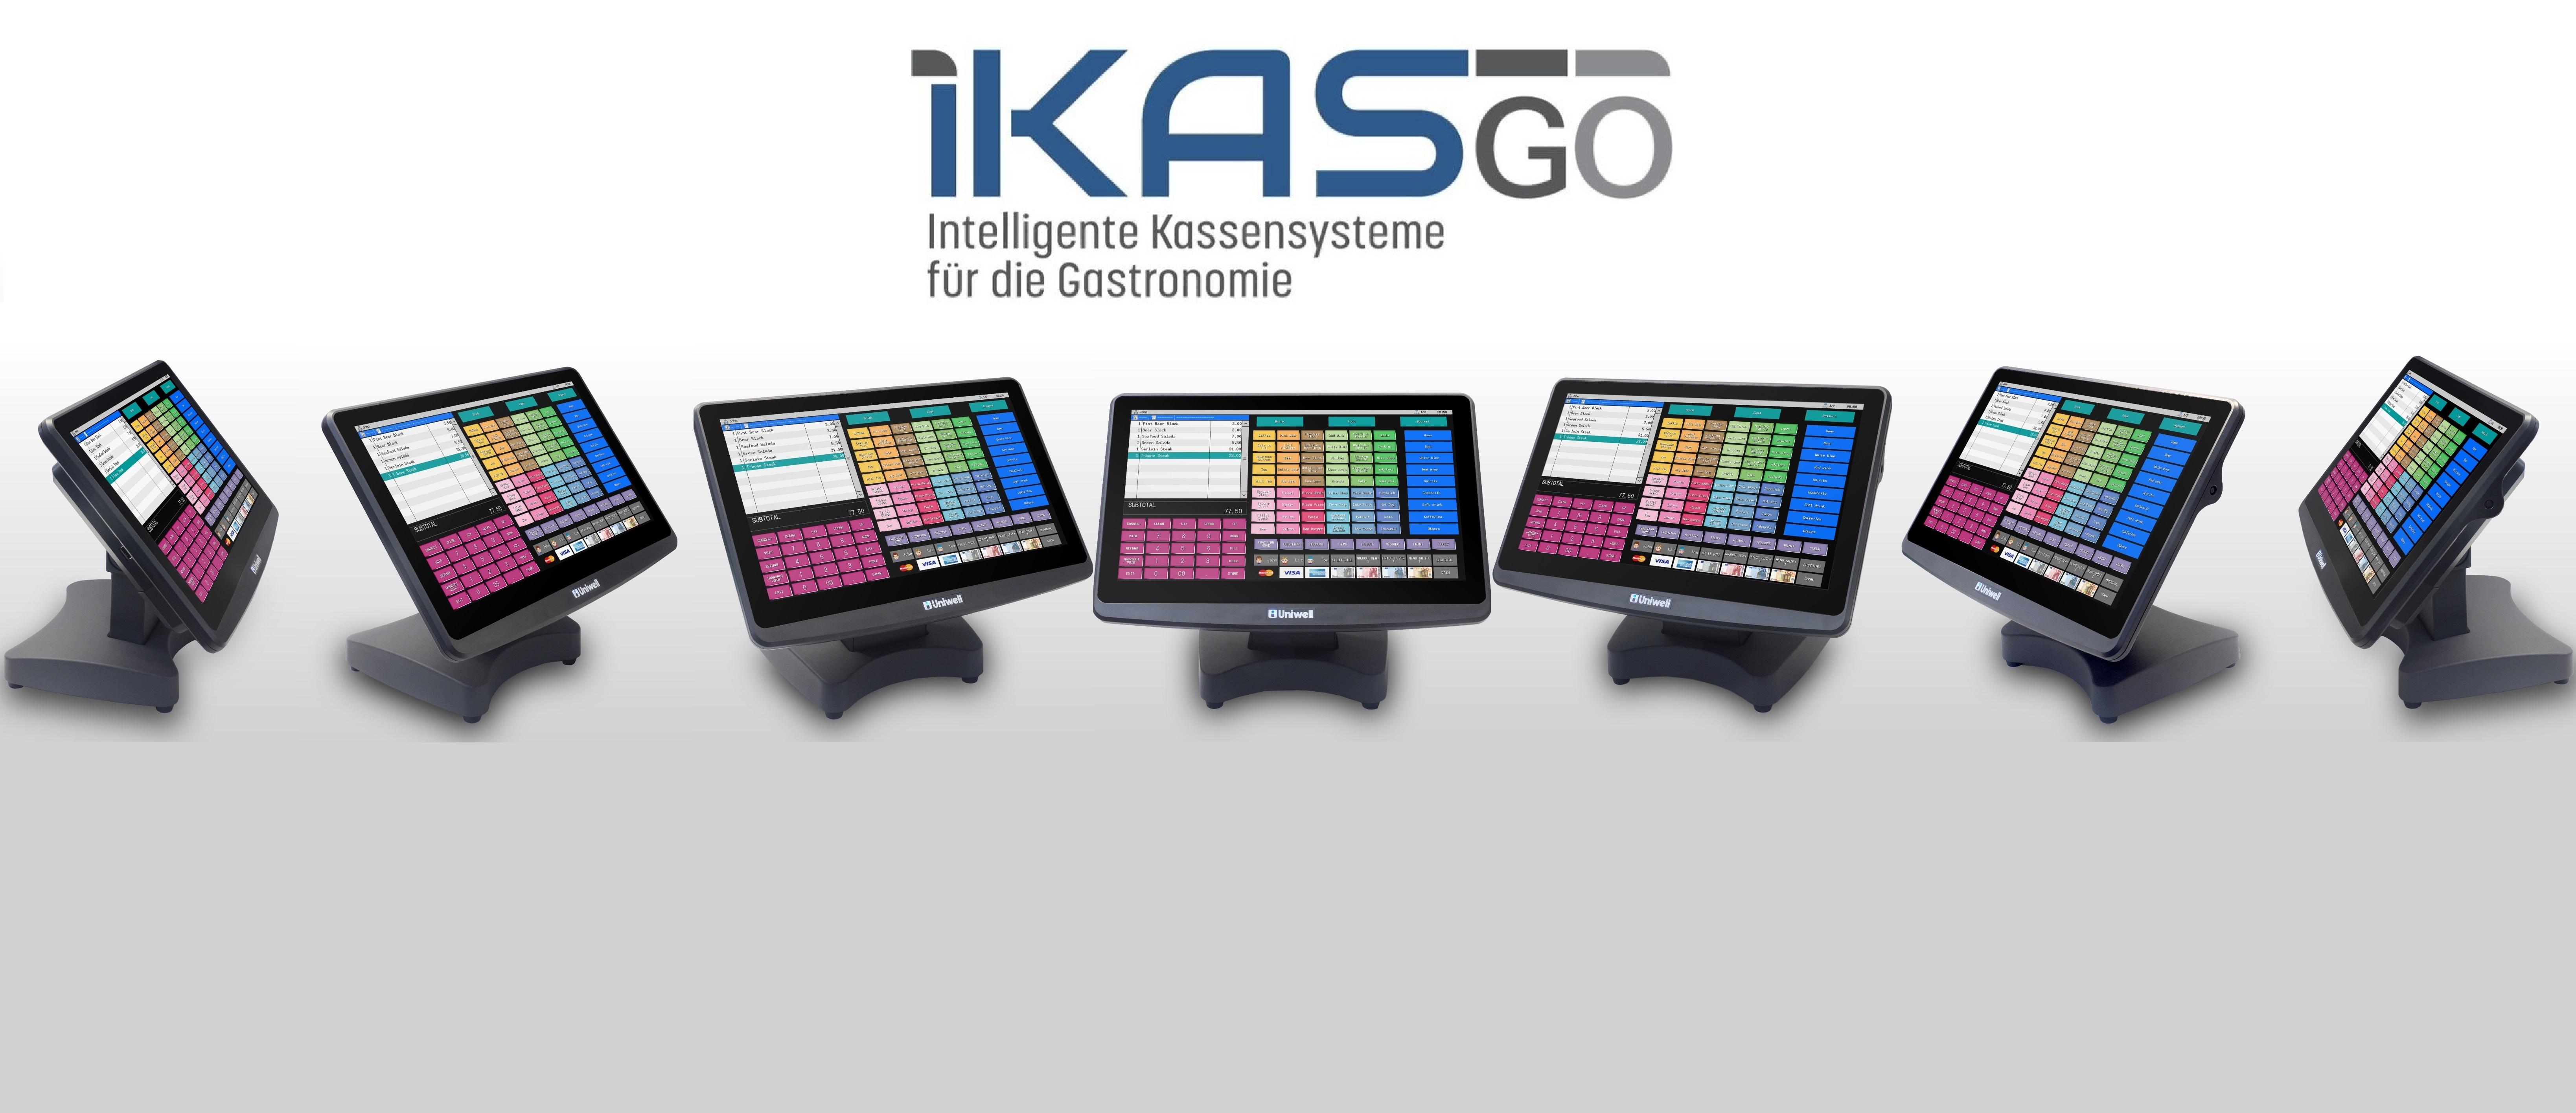 iKASgo Kassensysteme Gastronomie Restaurant Einzelhandel Registrierkassen Touchkassen Computerkassen